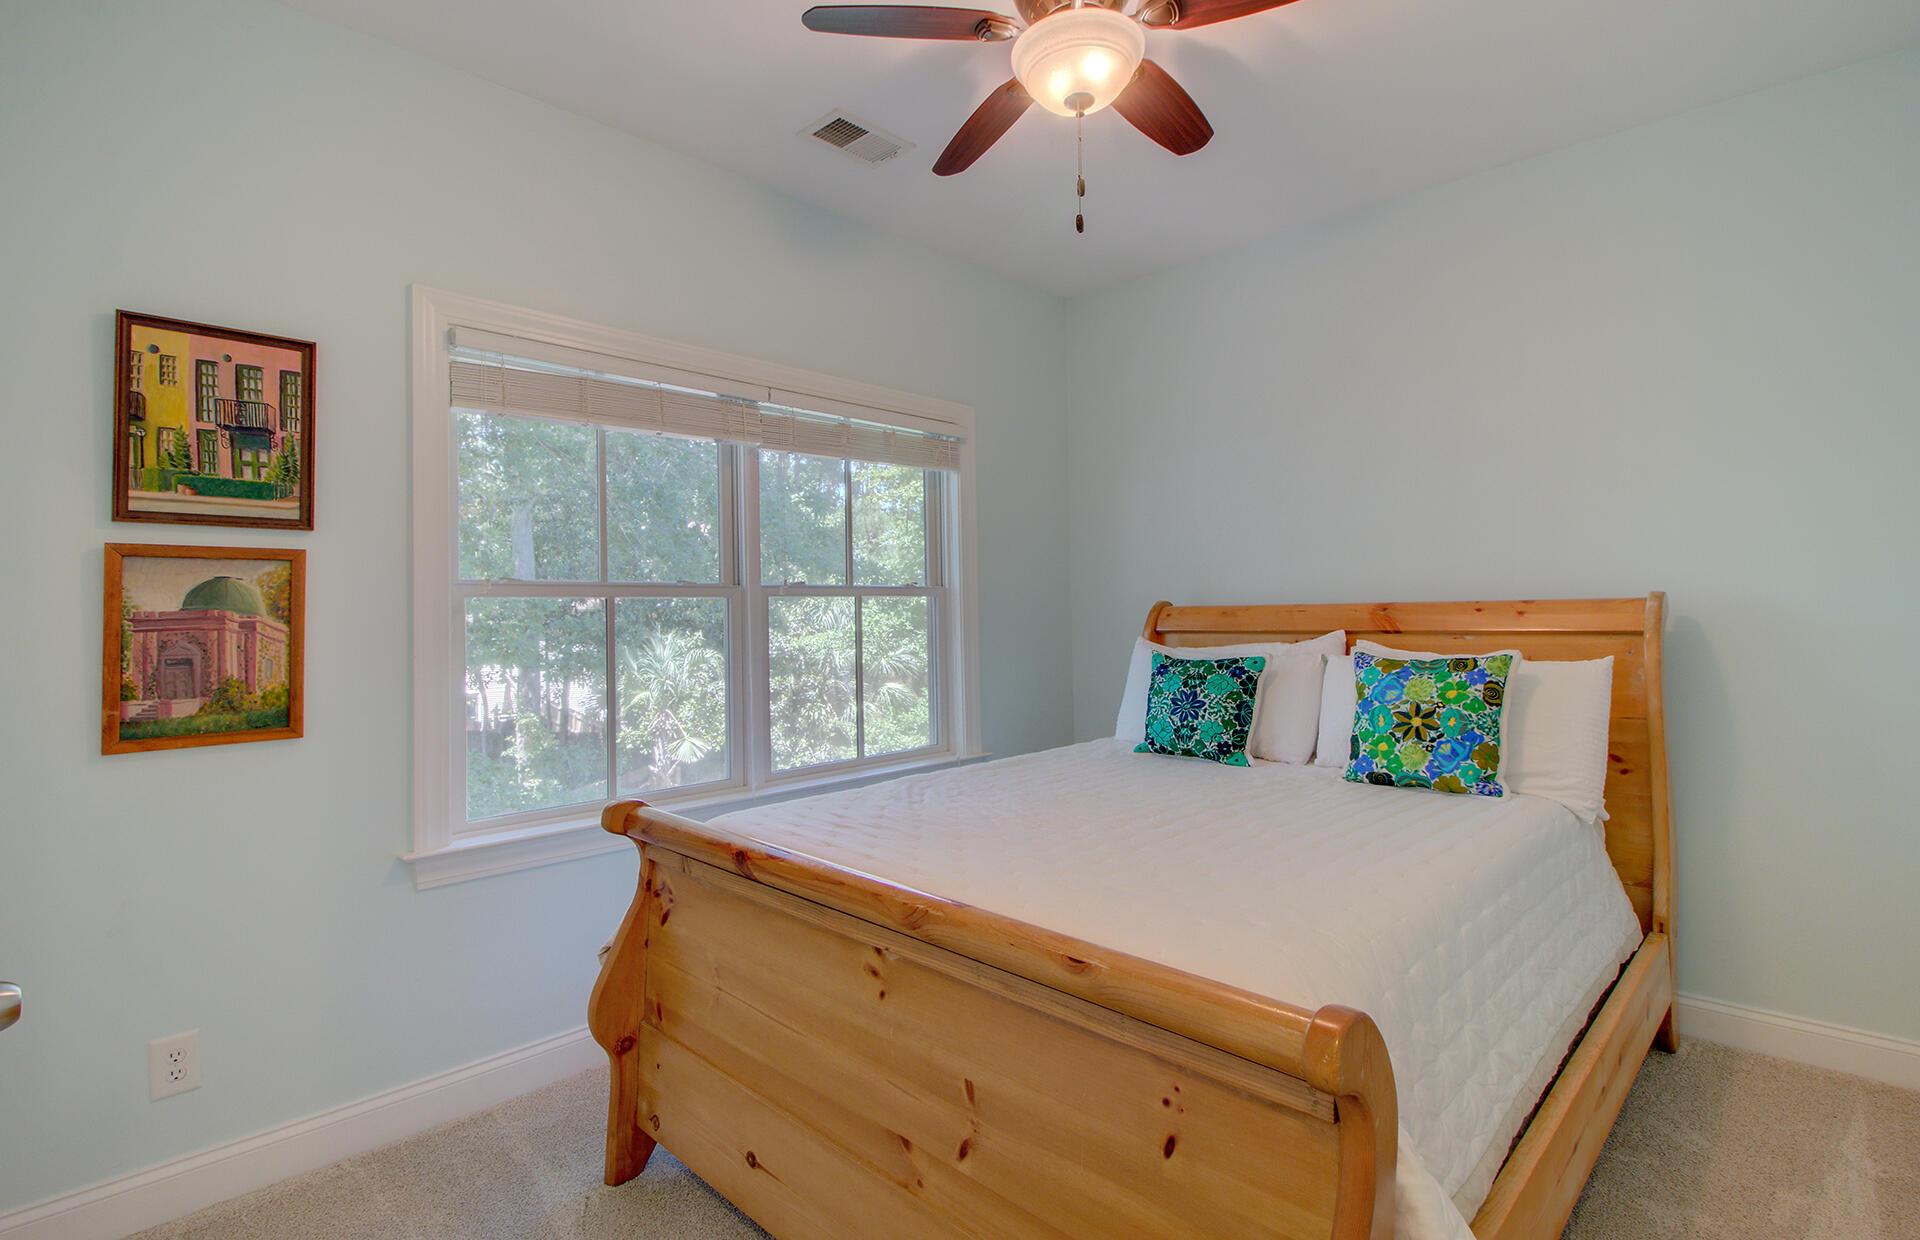 Phillips Park Homes For Sale - 1129 Phillips Park, Mount Pleasant, SC - 37